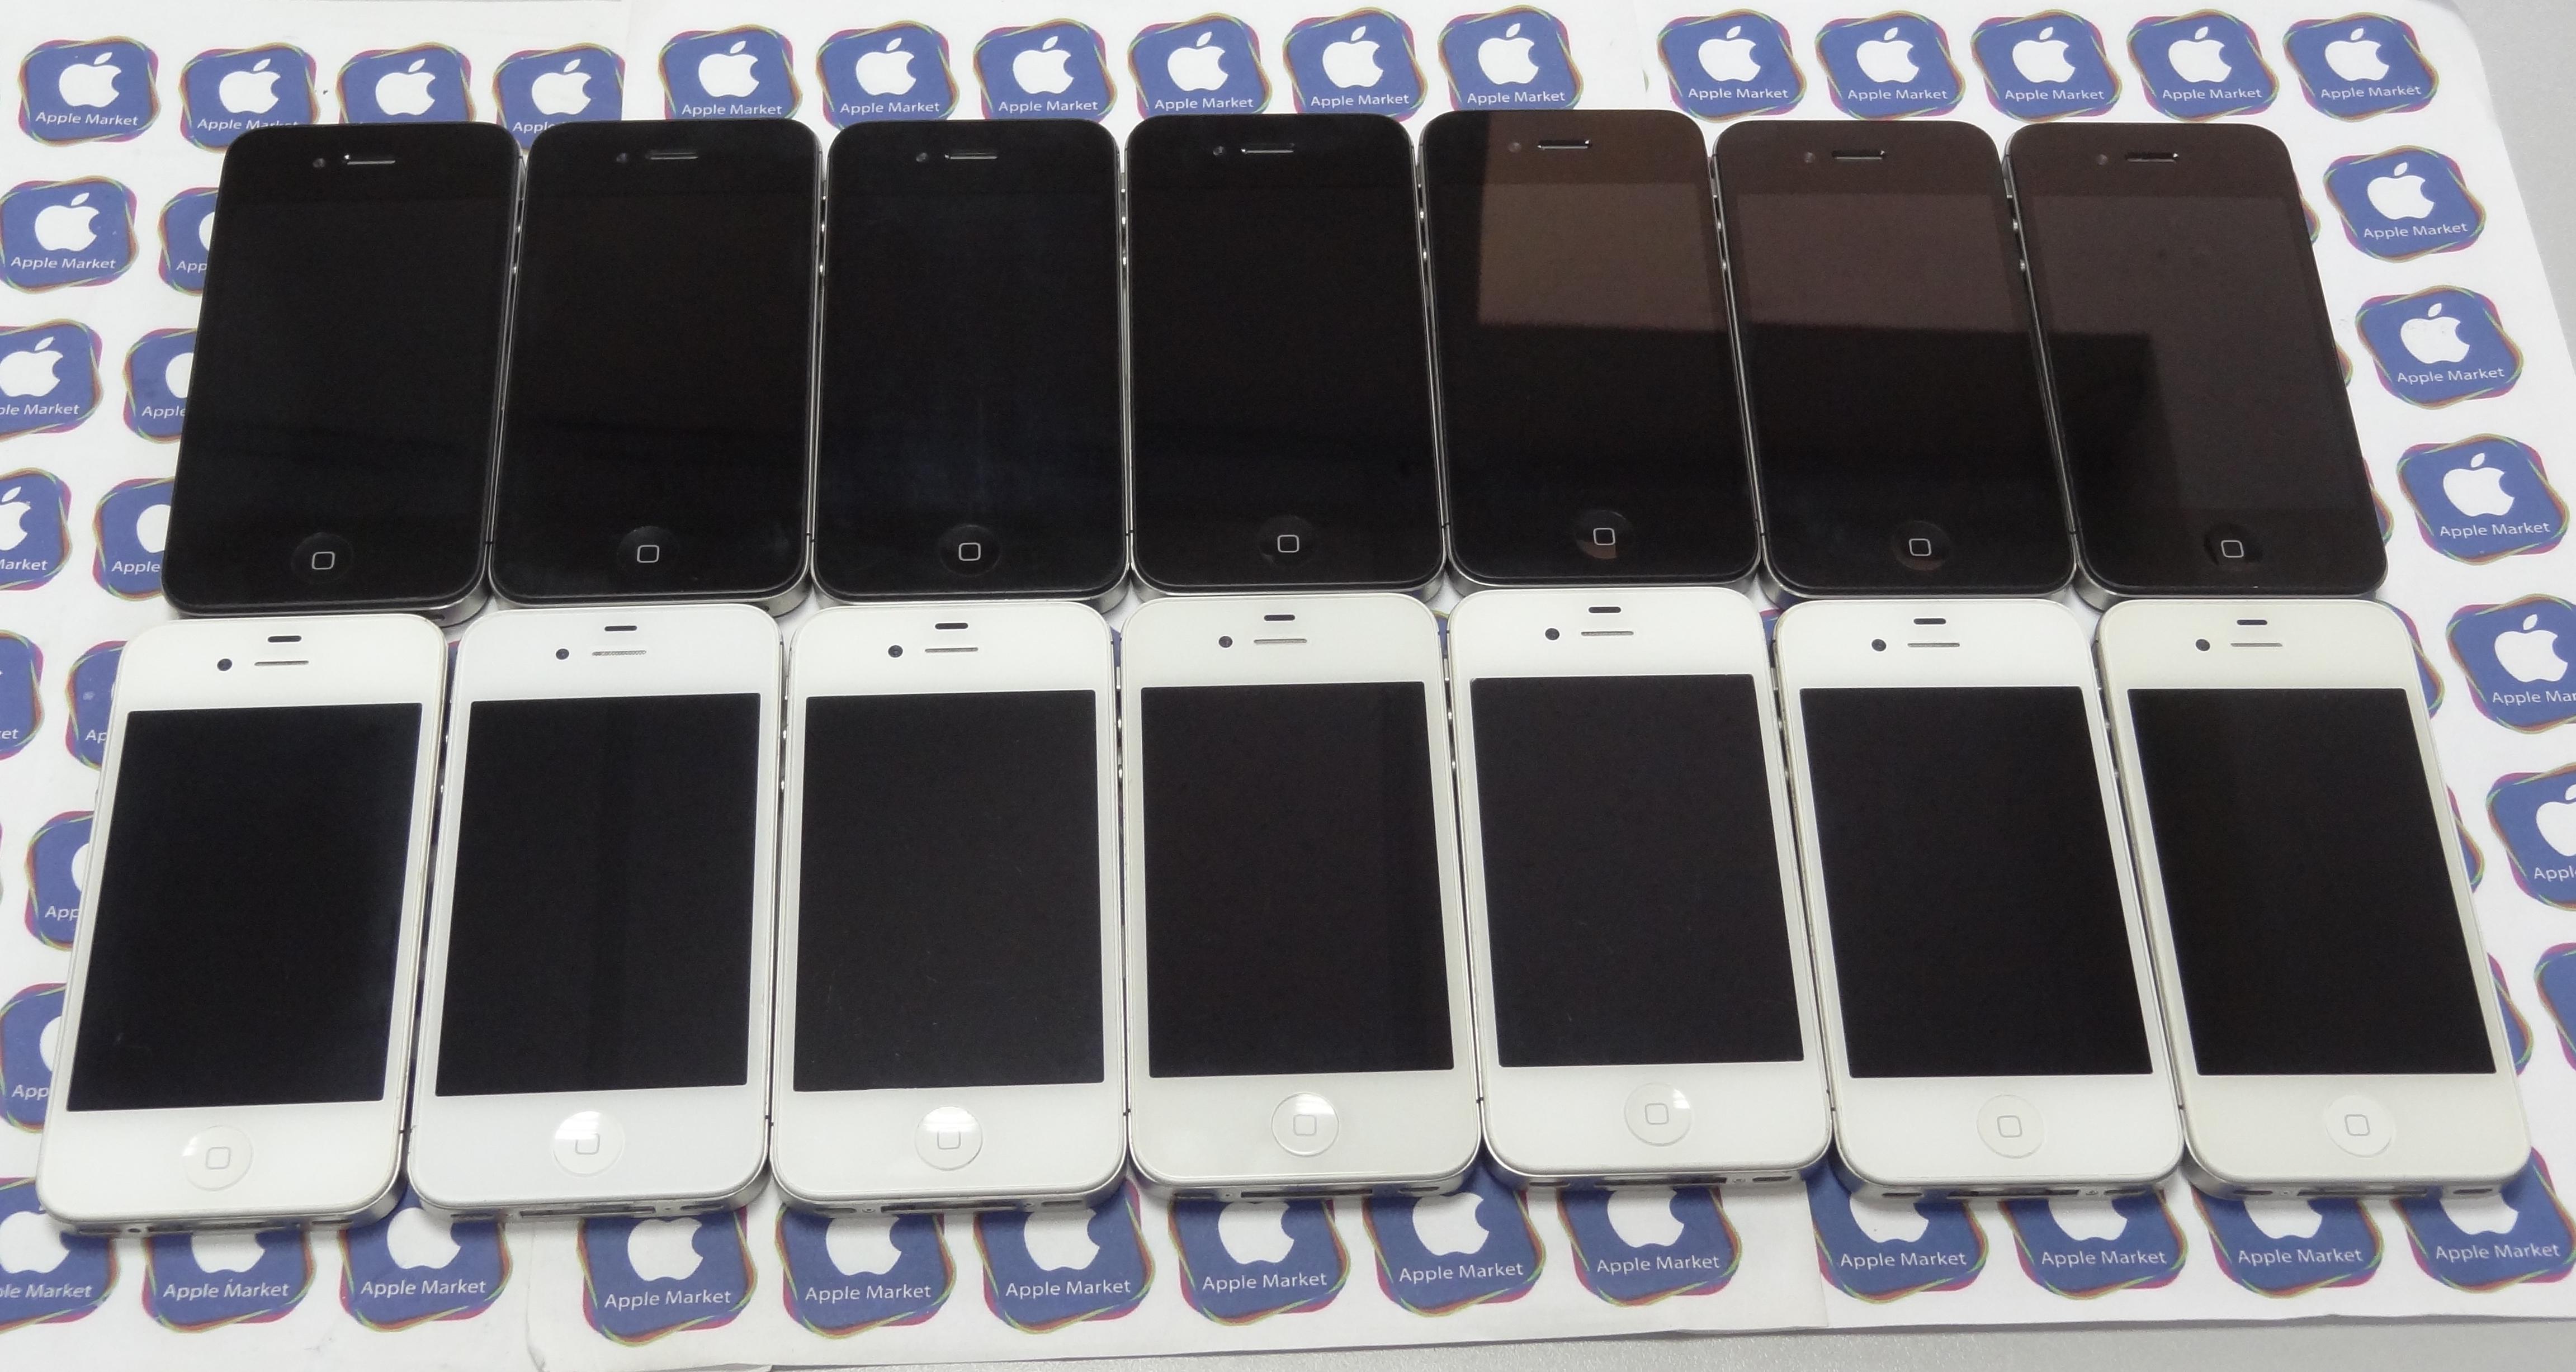 №23225 Предлагаем телефоны модели iPhone 4S Neverlock из США! Телефоны ОРИГИНАЛ